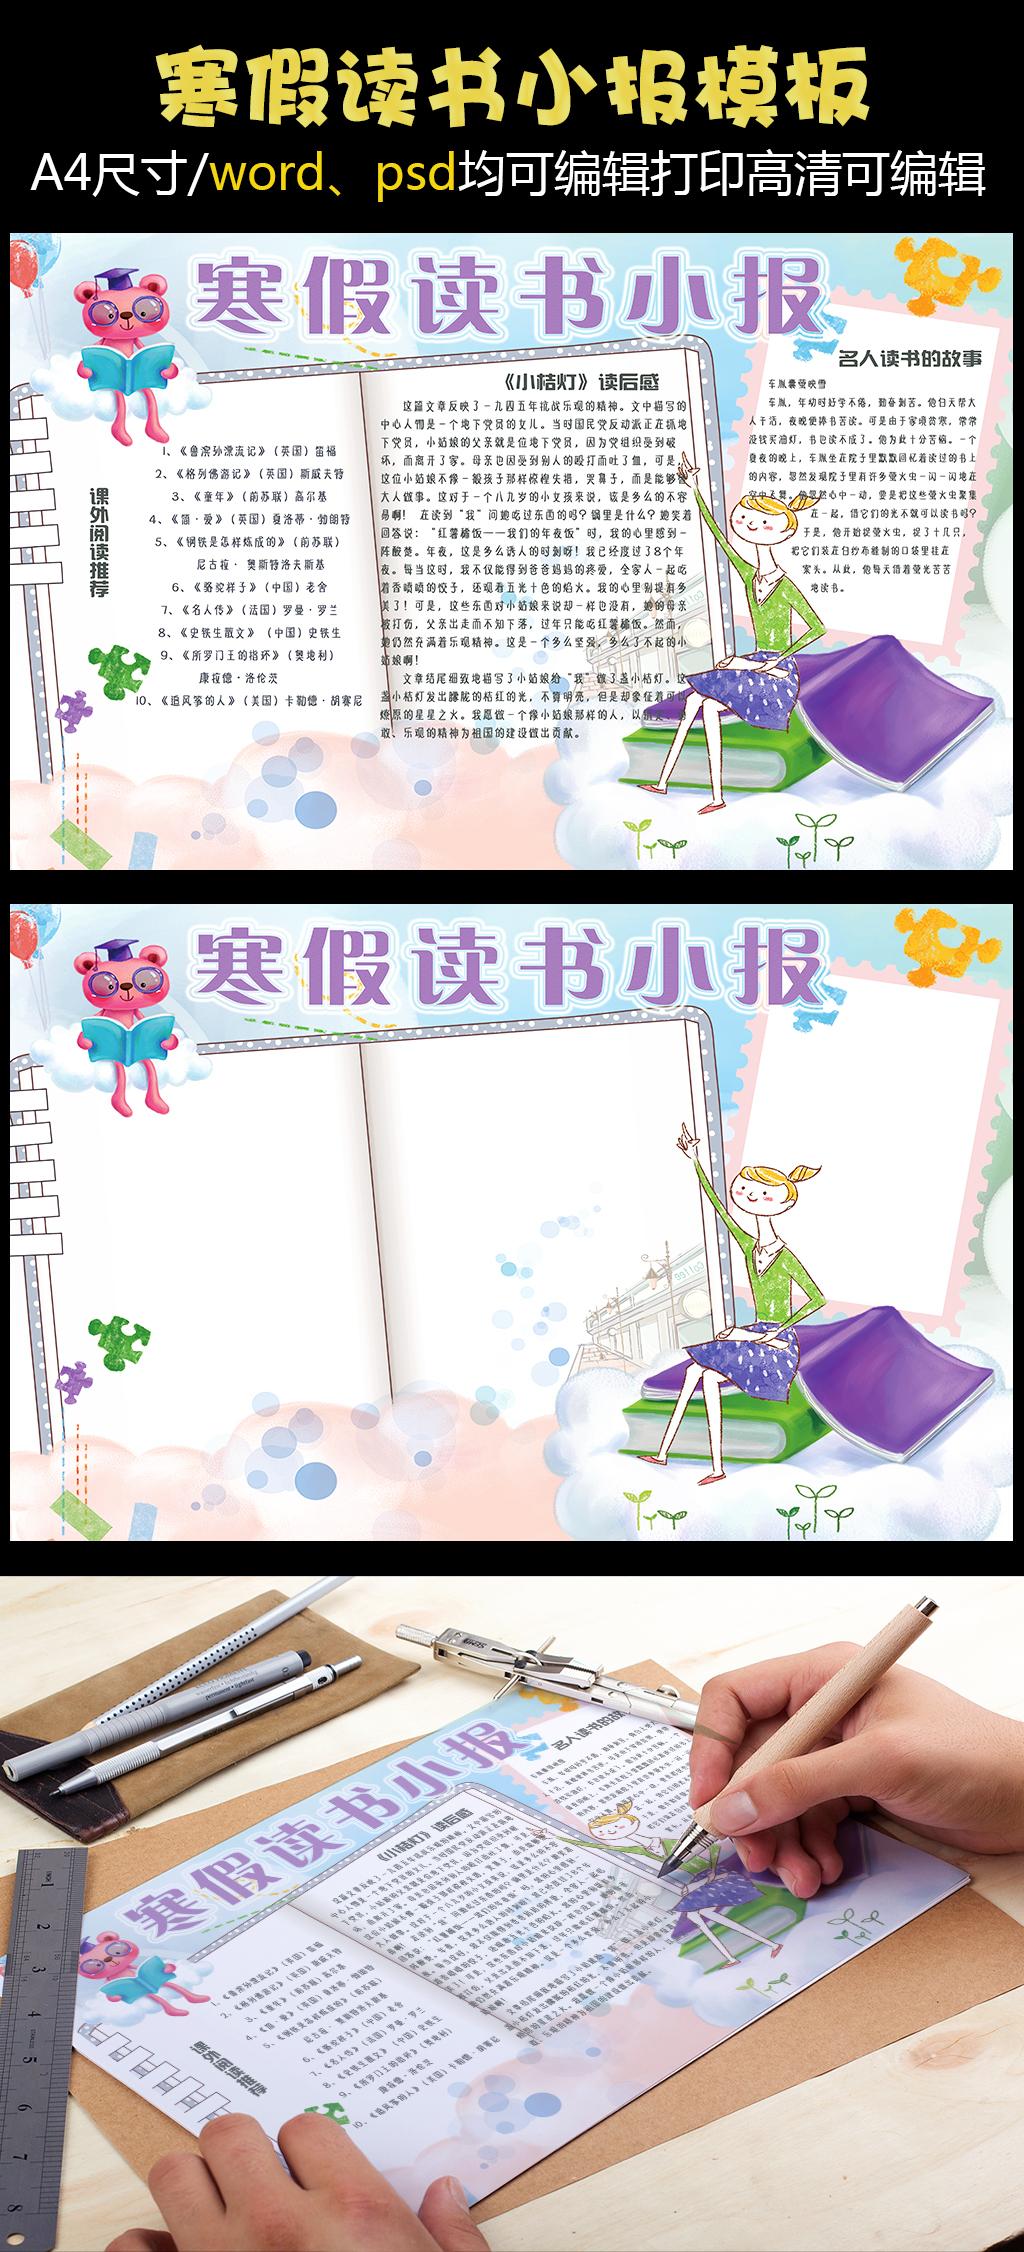 清新手绘学生寒假阅读小报手抄报模板